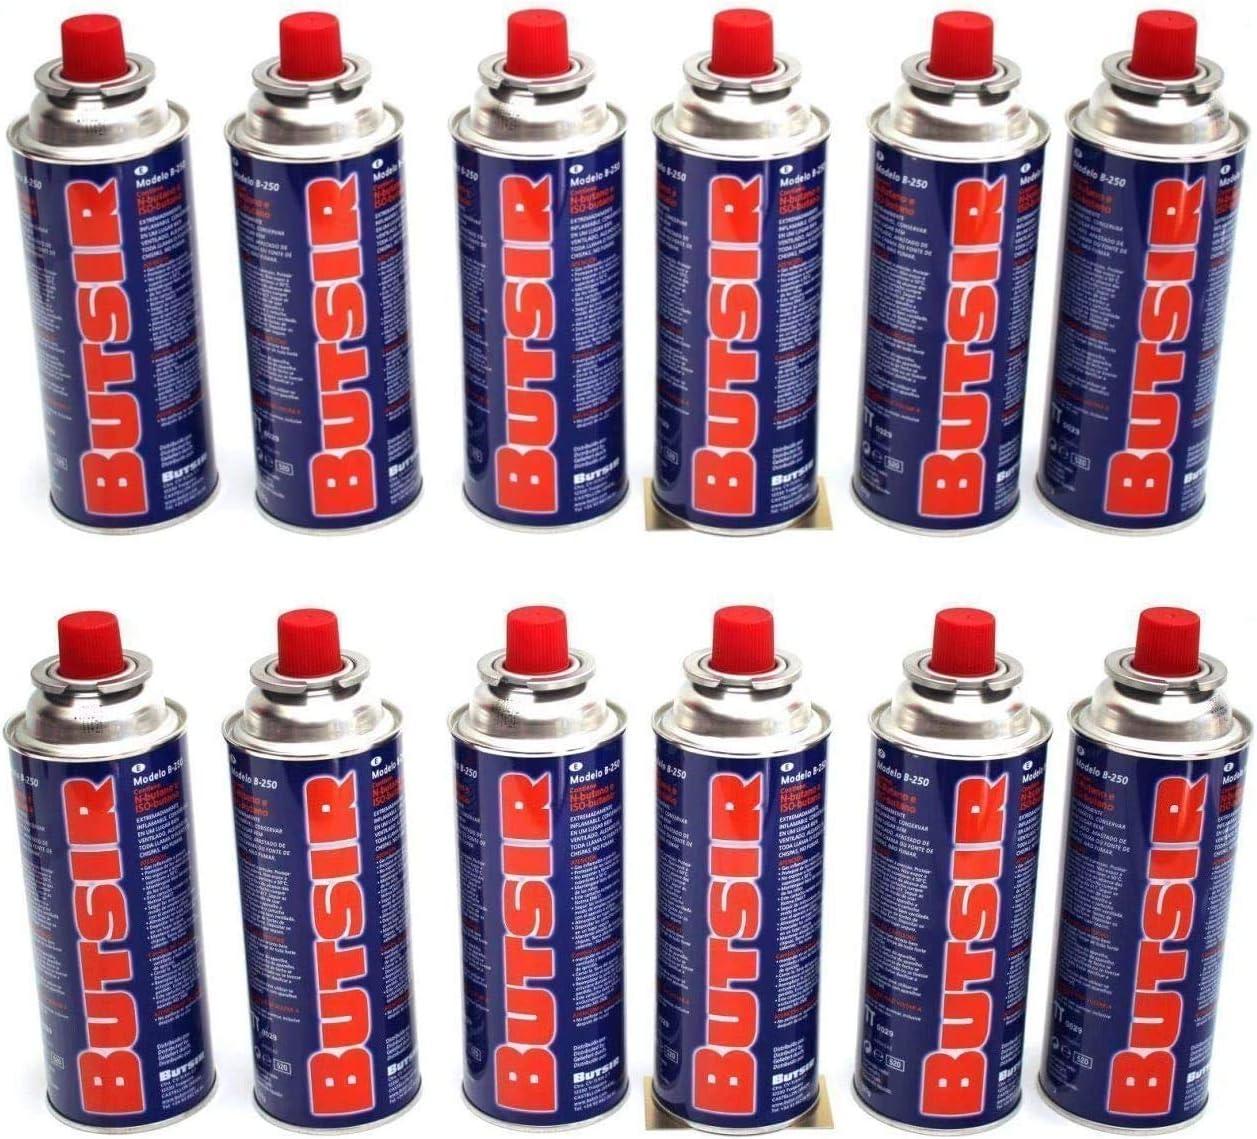 12 Cartucho Gas Butsir Cartucho de Gas Butano B-250 Envio 24Horas Por Asm Urgente Elige Vendido y Enviado Por Chollo-Express